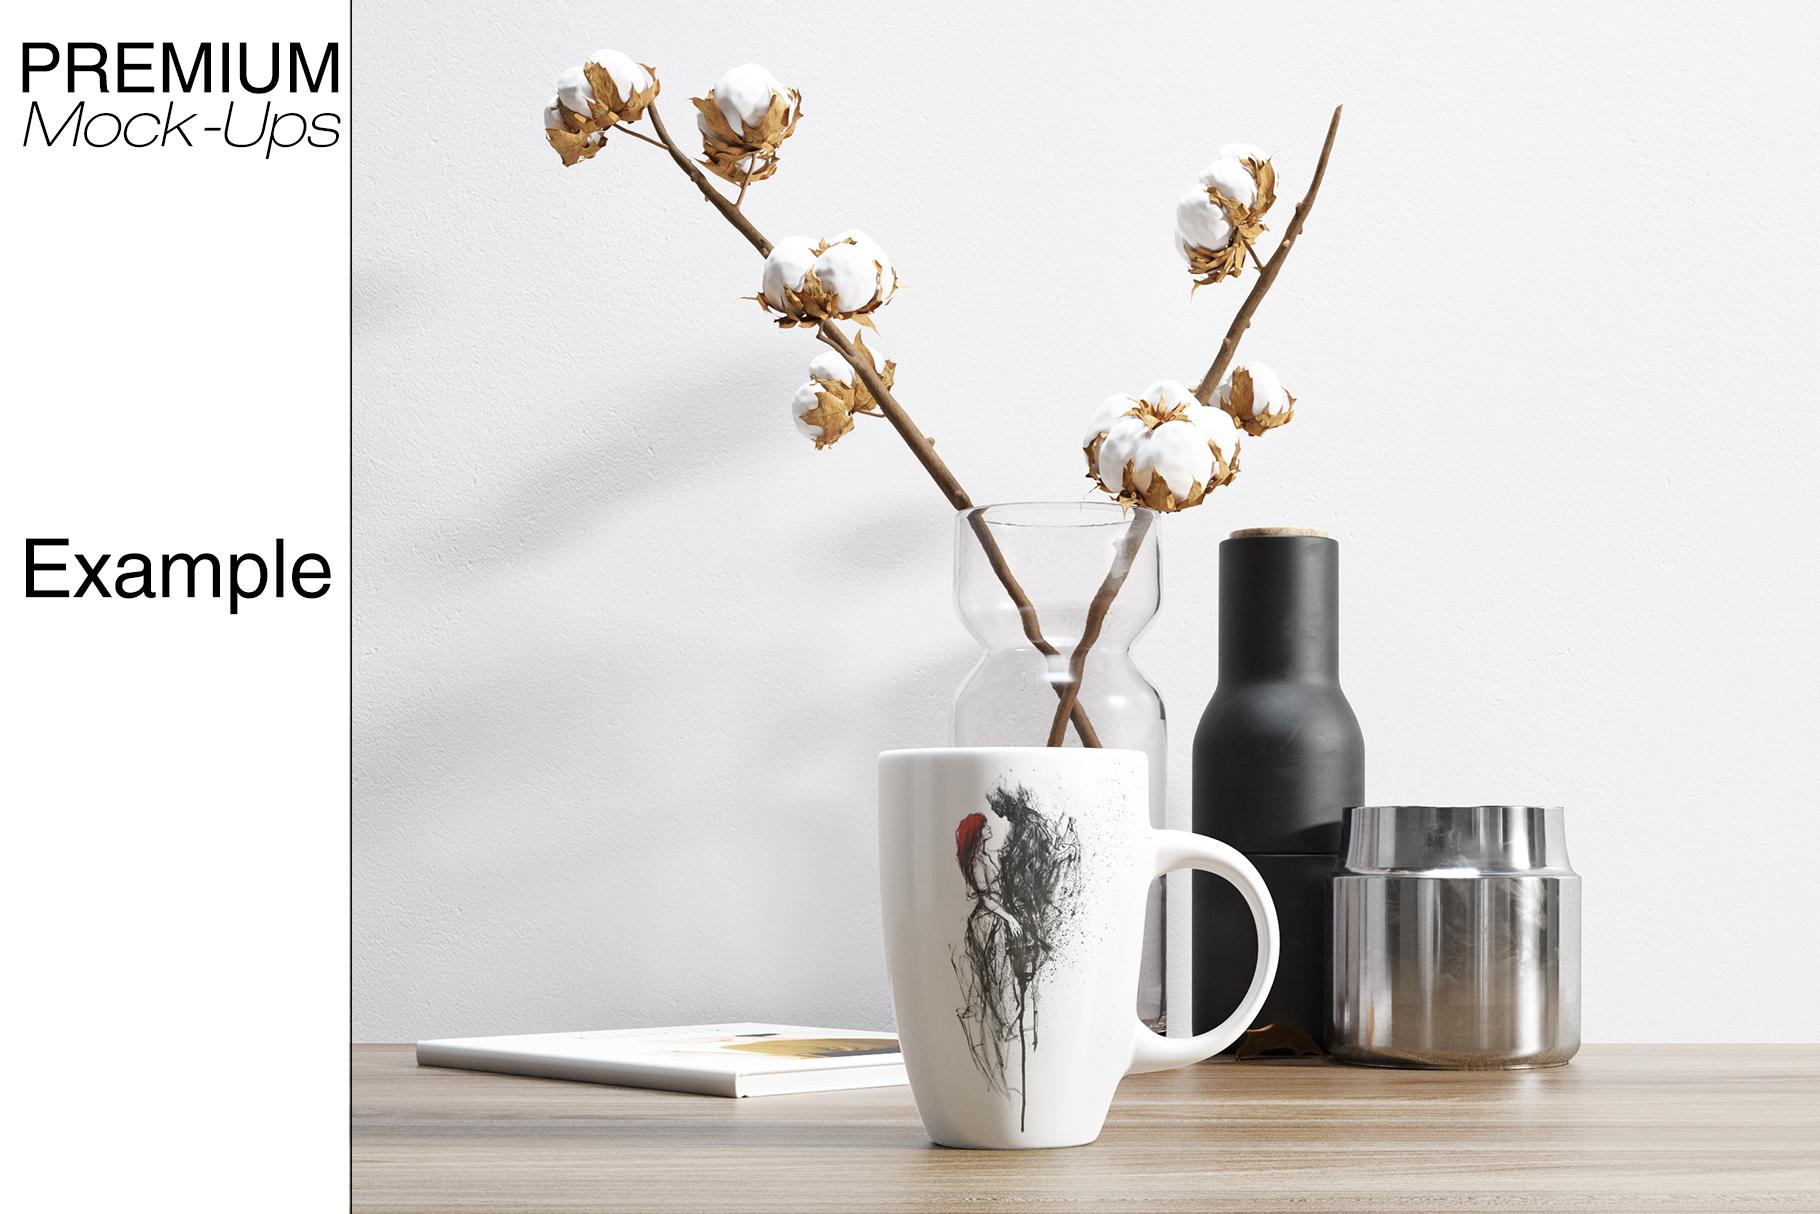 Mug Mockups - Many Shapes example image 3